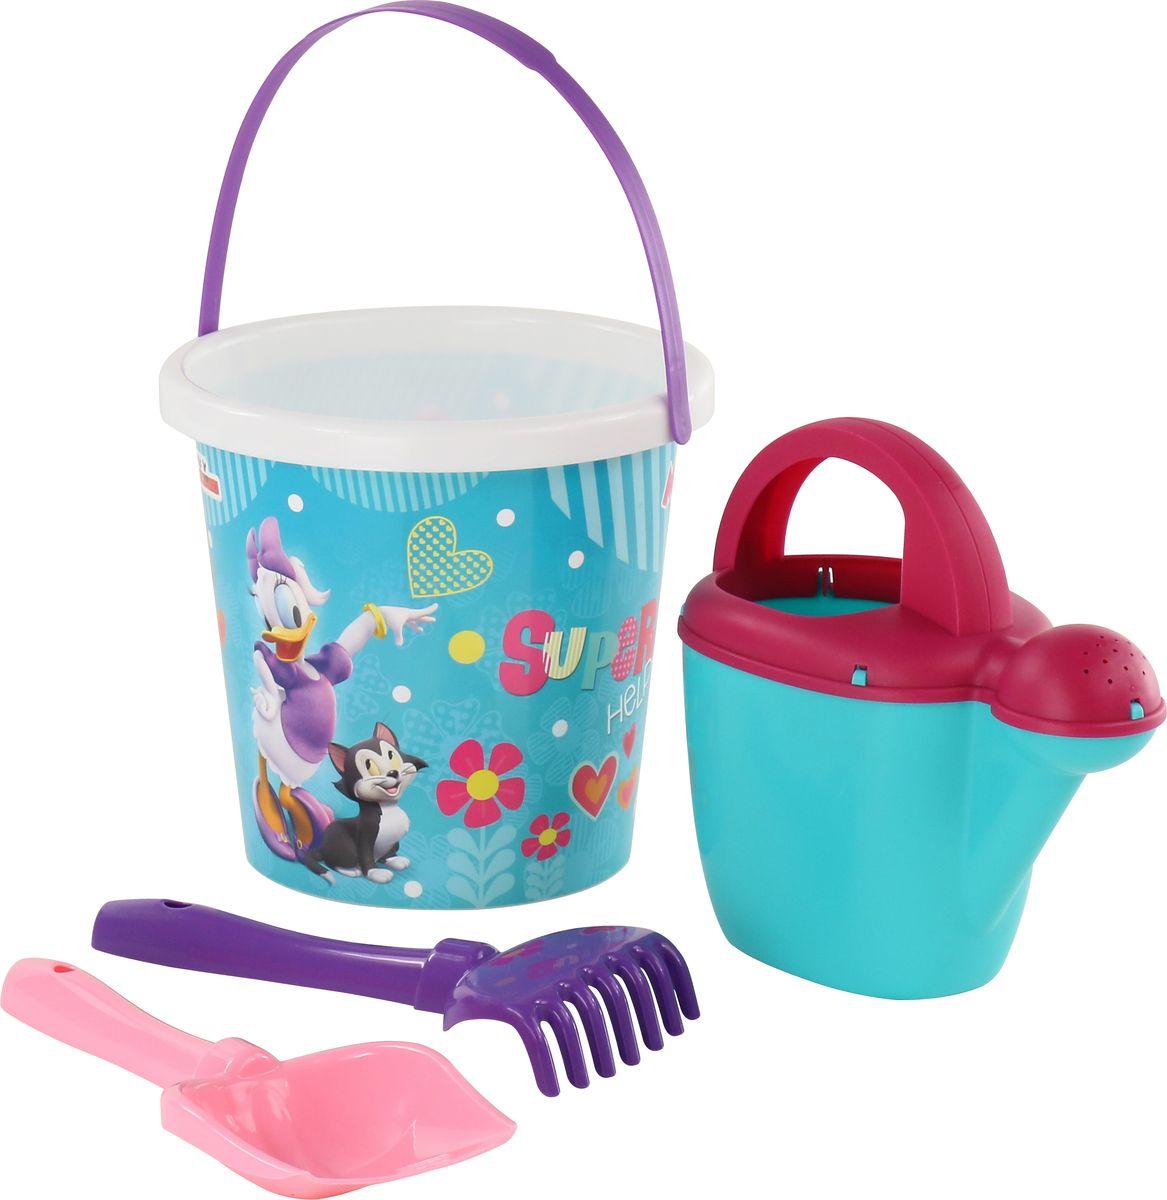 Disney Набор игрушек для песочницы Минни №9, 4 предмета, цвет в ассортименте disney набор игрушек для песочницы минни 4 цвет в ассортименте